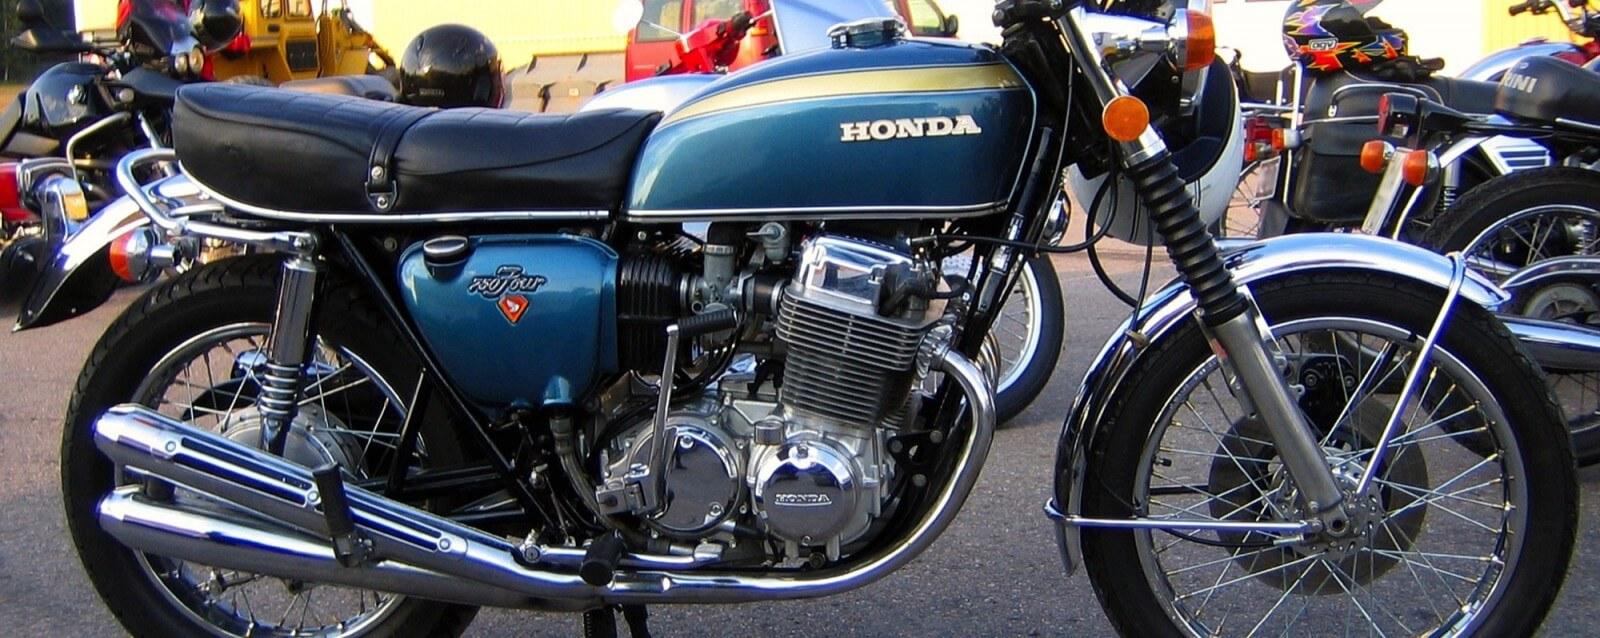 8-dingen-die-je-niet-wist-voordat-je-ging-motorrijden